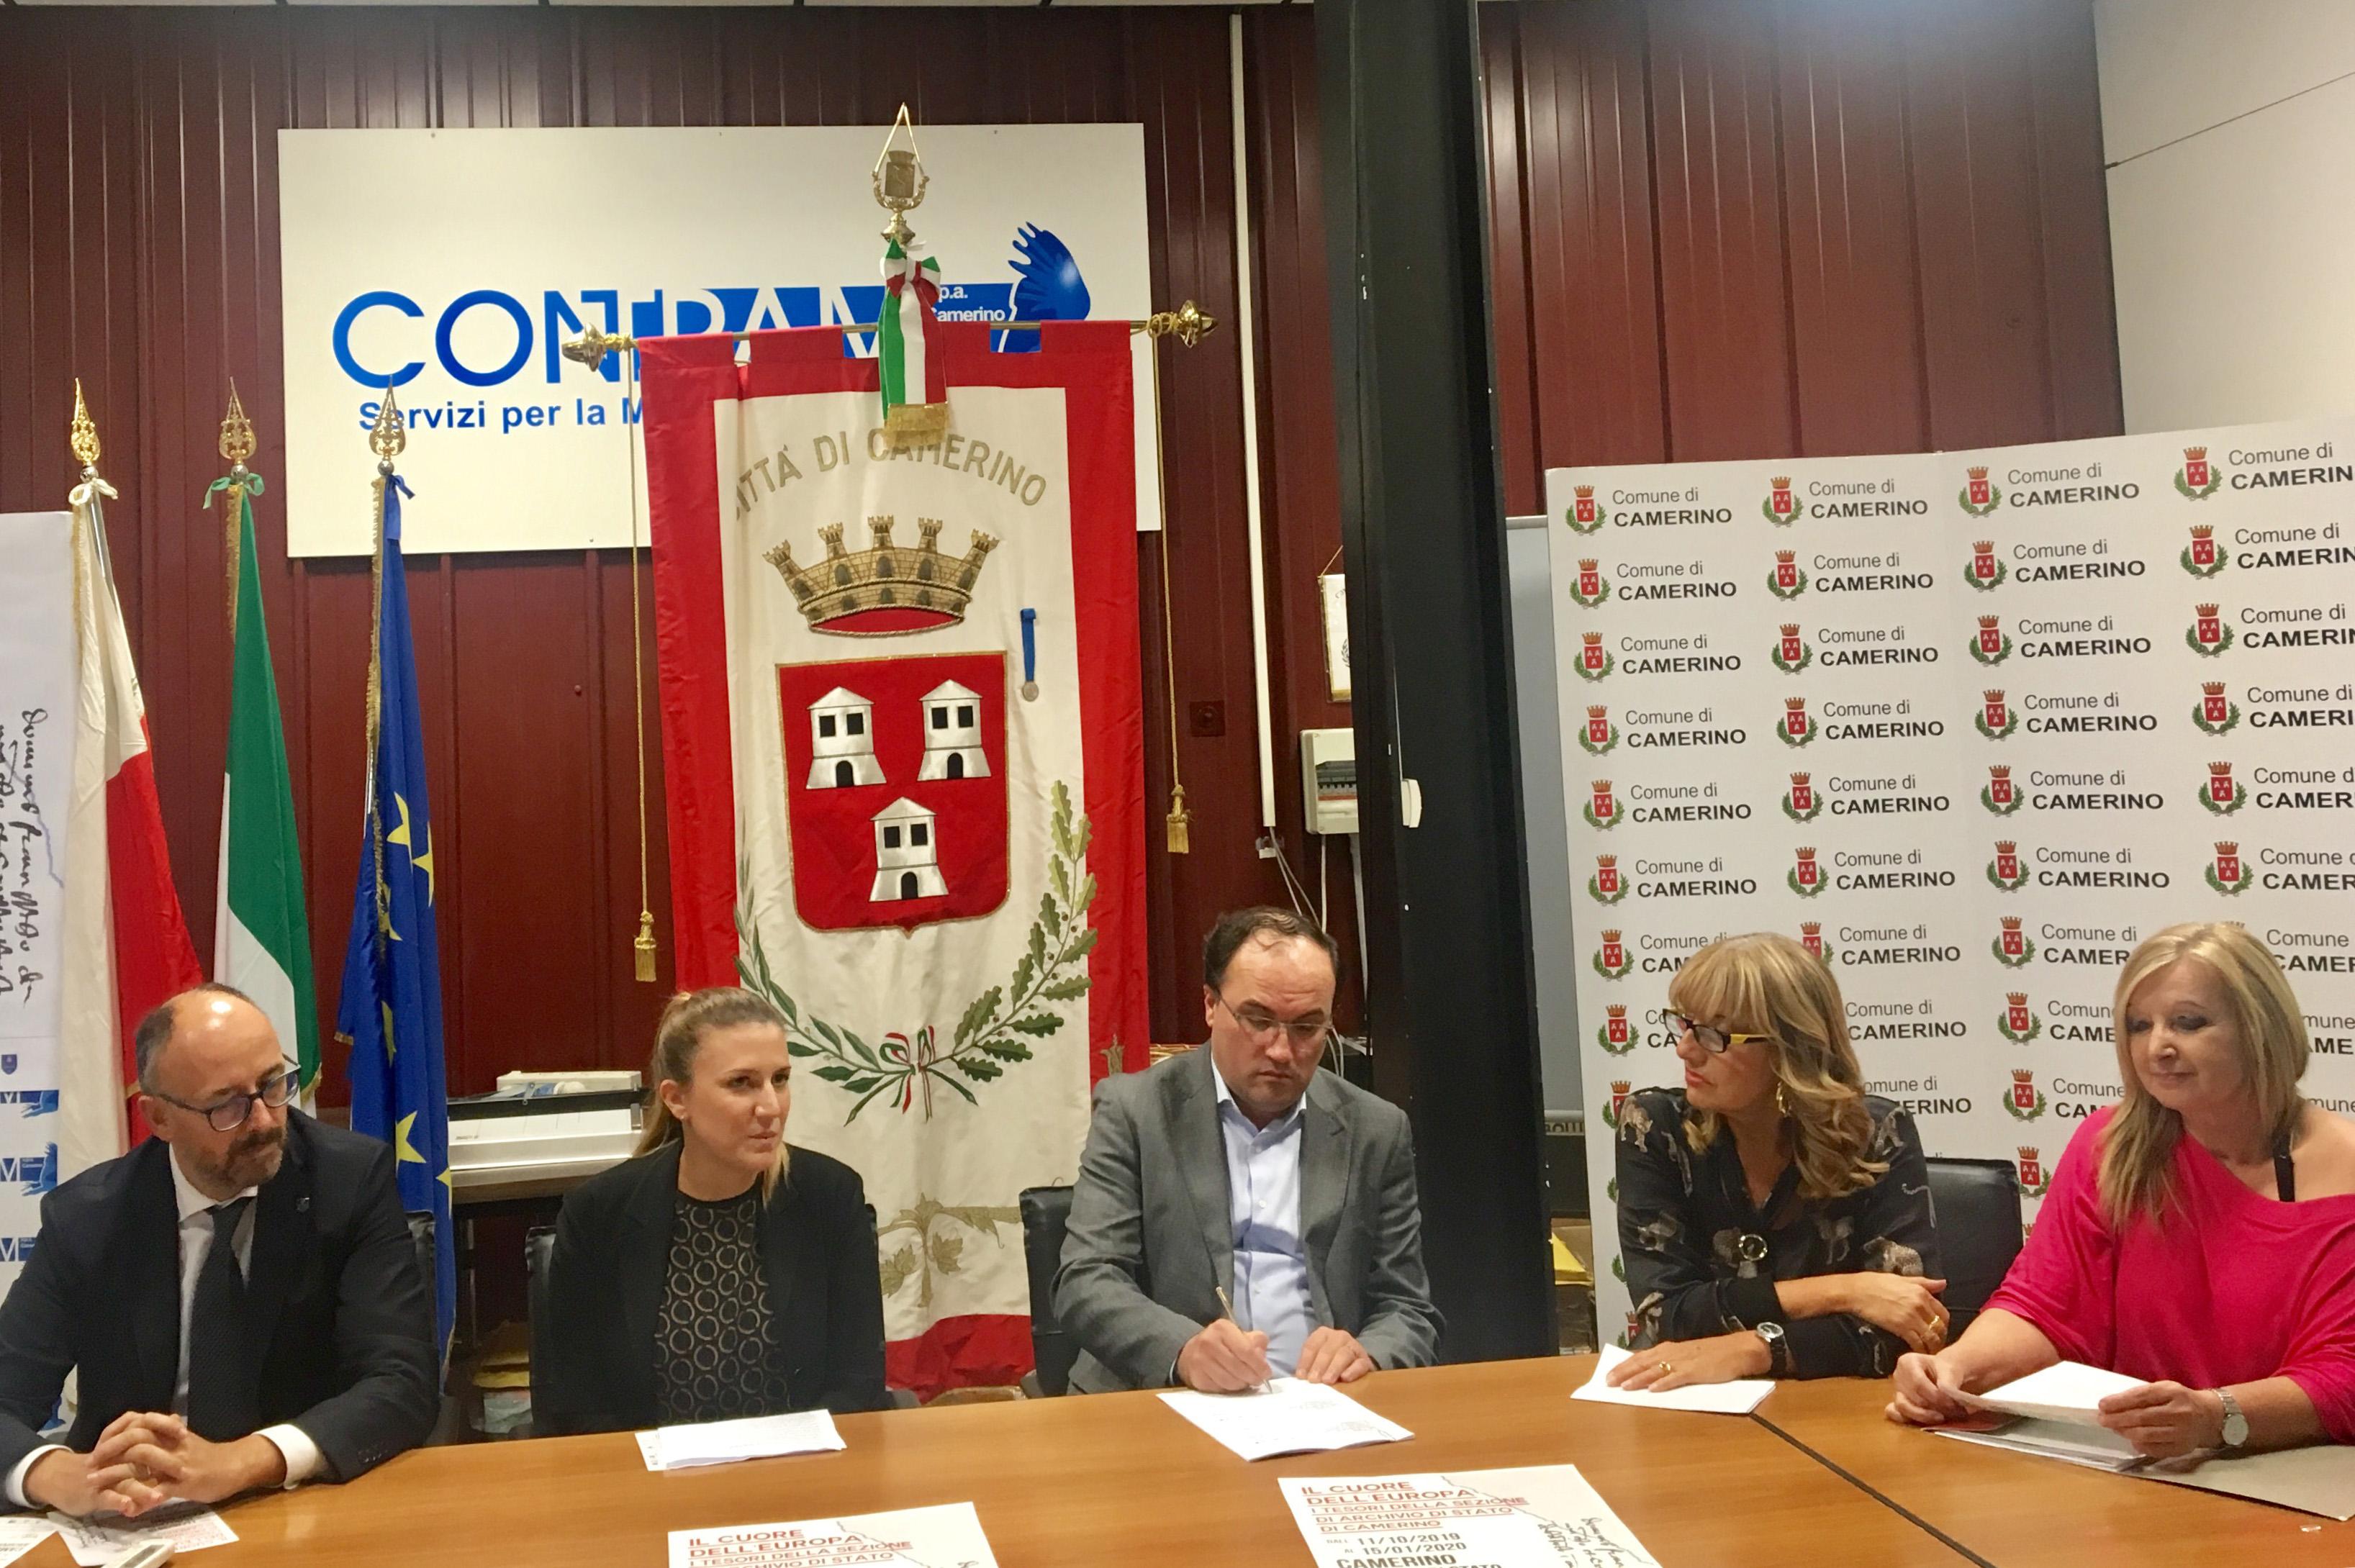 La conferenza stampa di presentazione della mostrabis